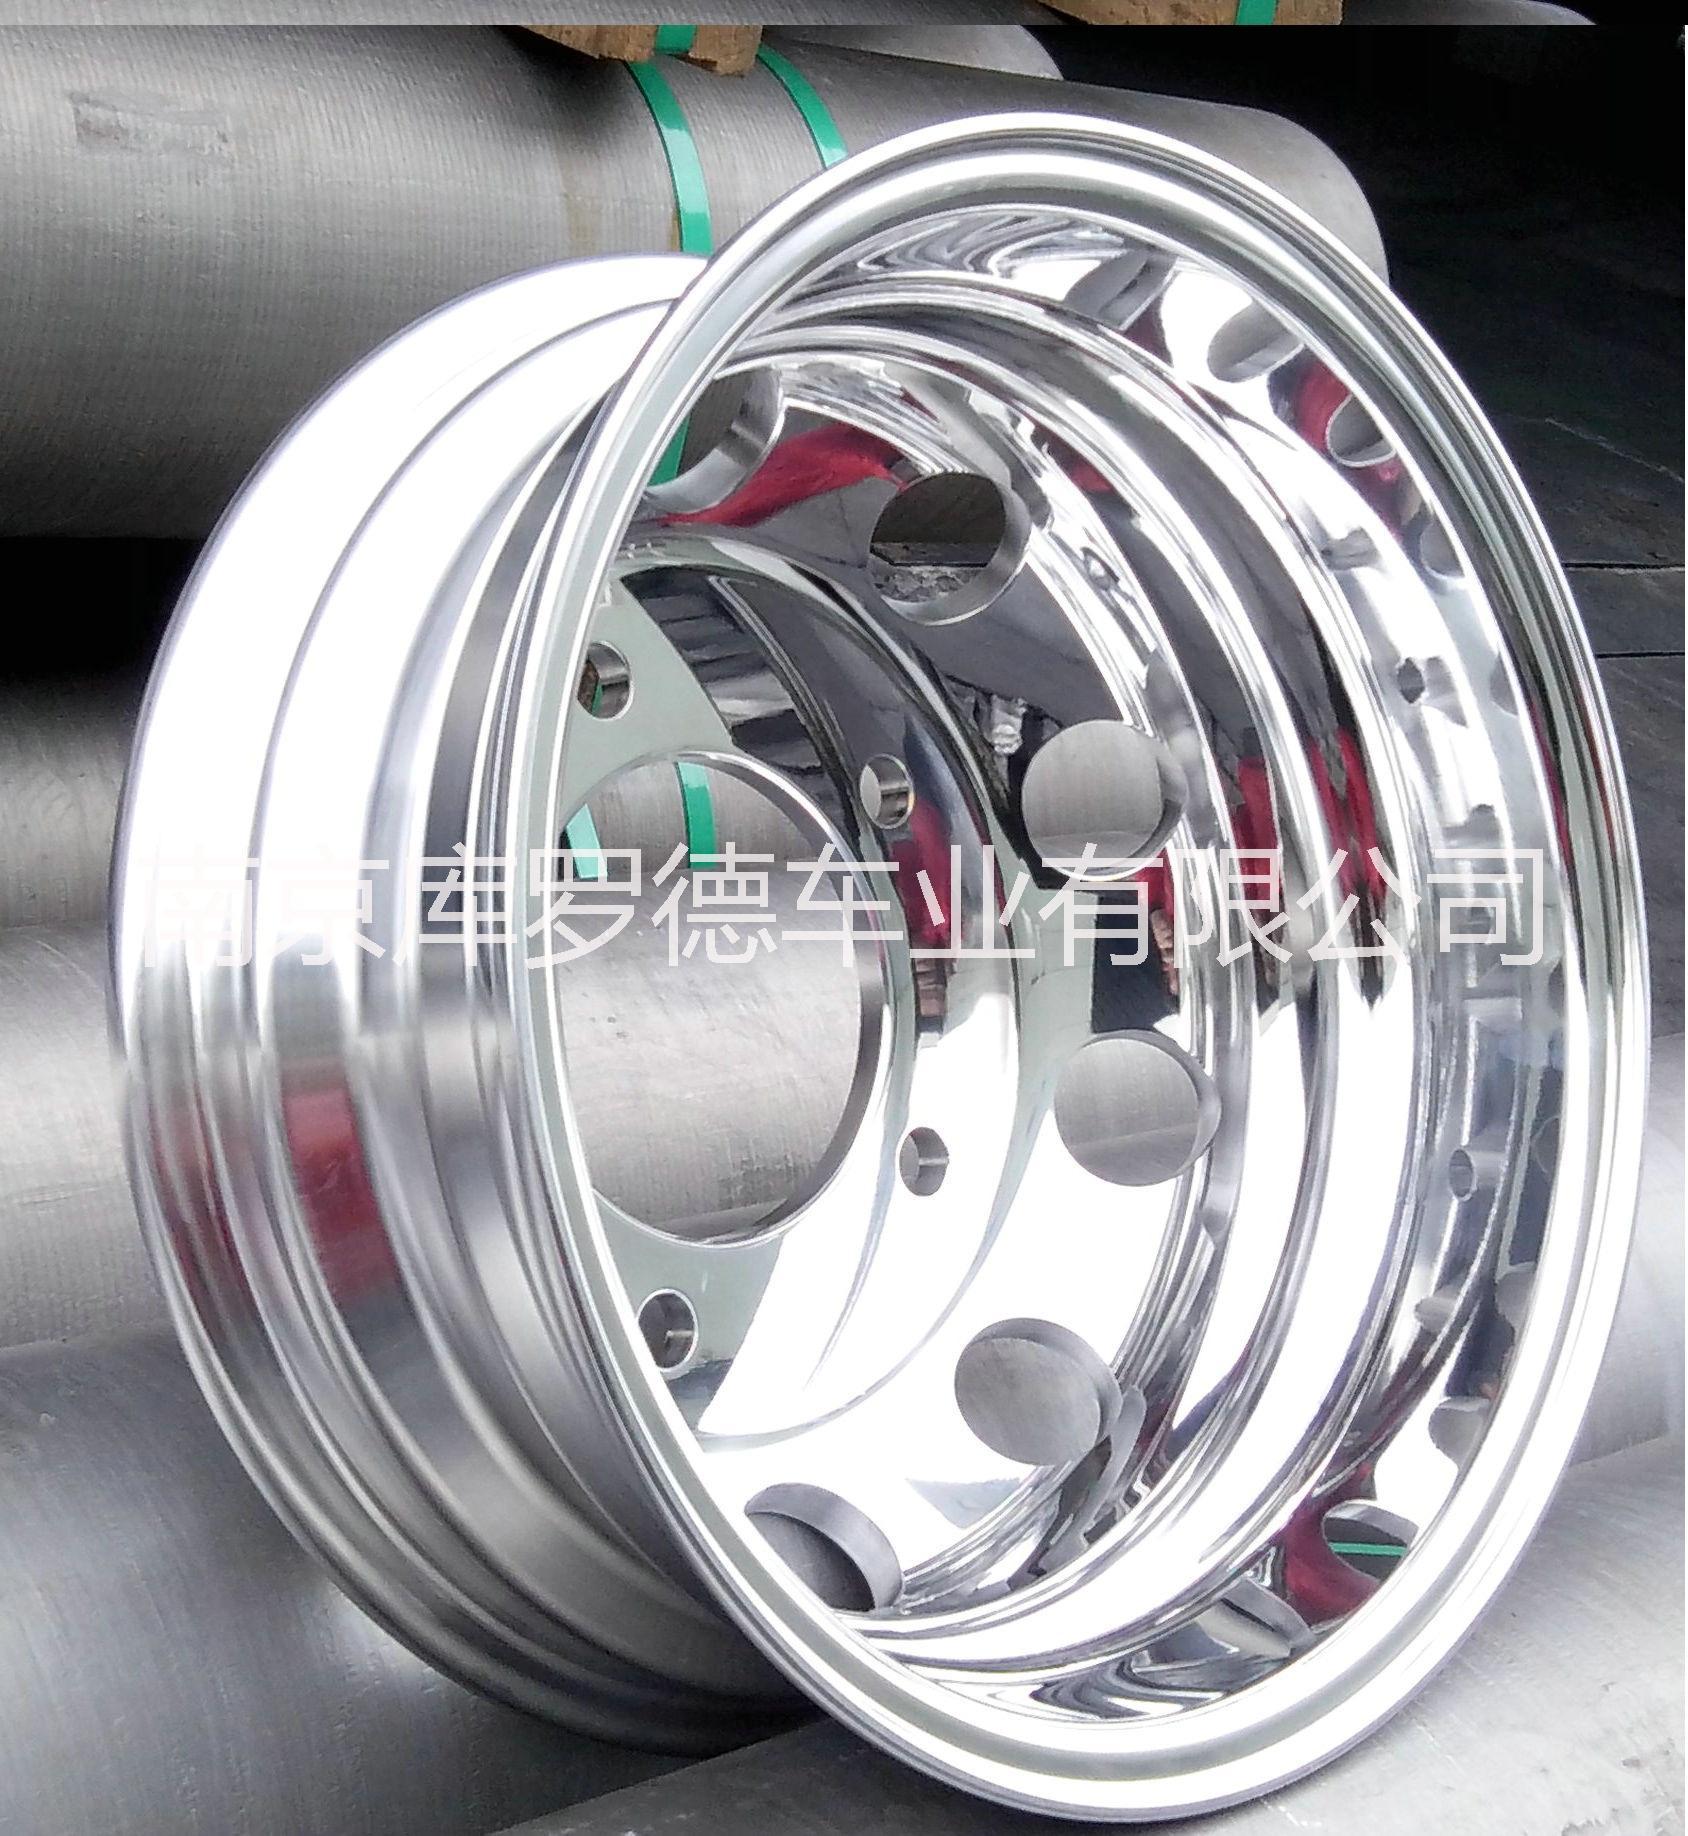 考斯特5.5锻造铝合金轮毂 四川考斯特5.5锻造铝合金轮毂